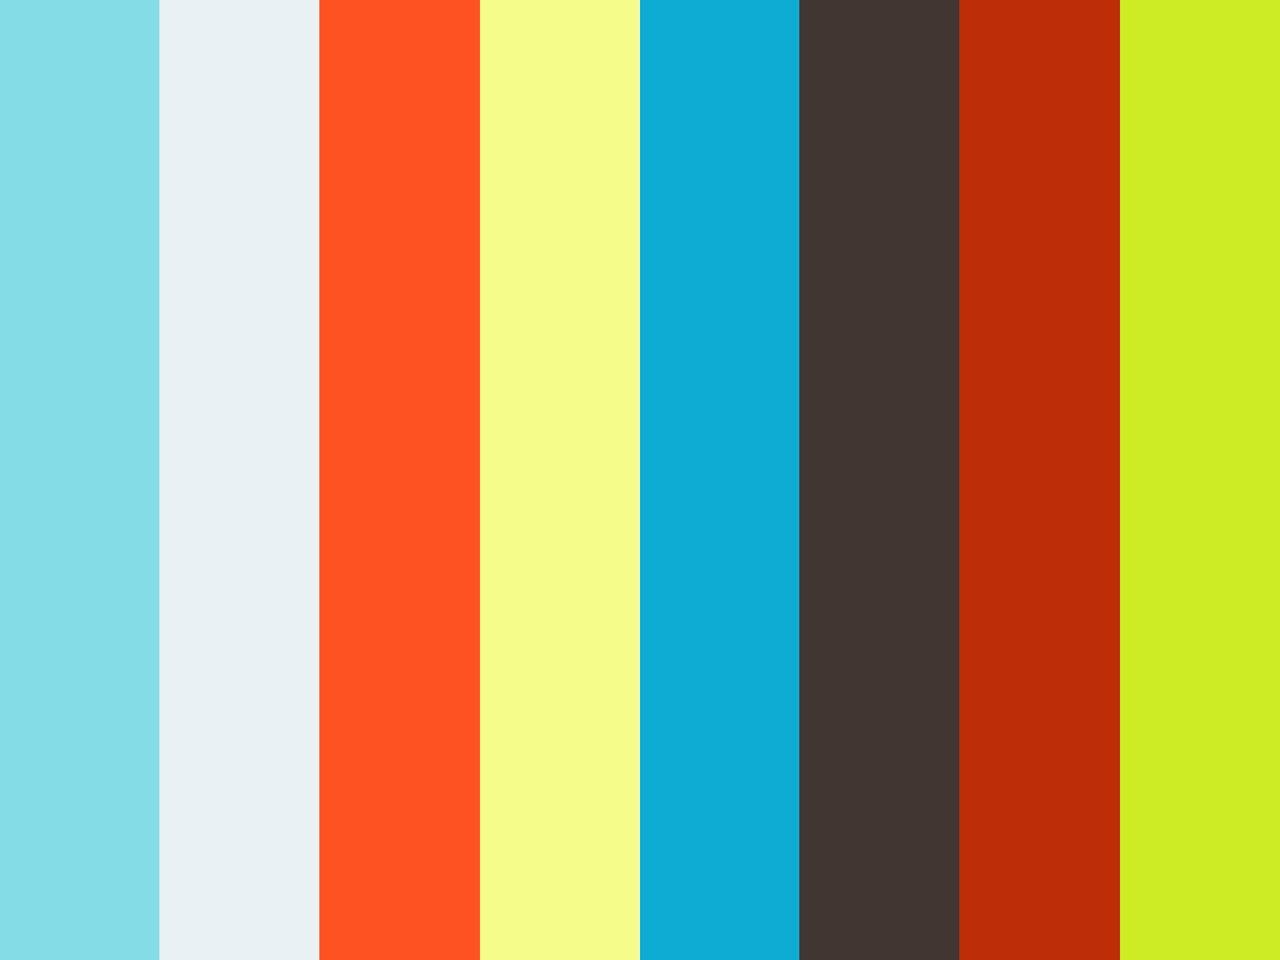 Consumer segmentation | Segment 03